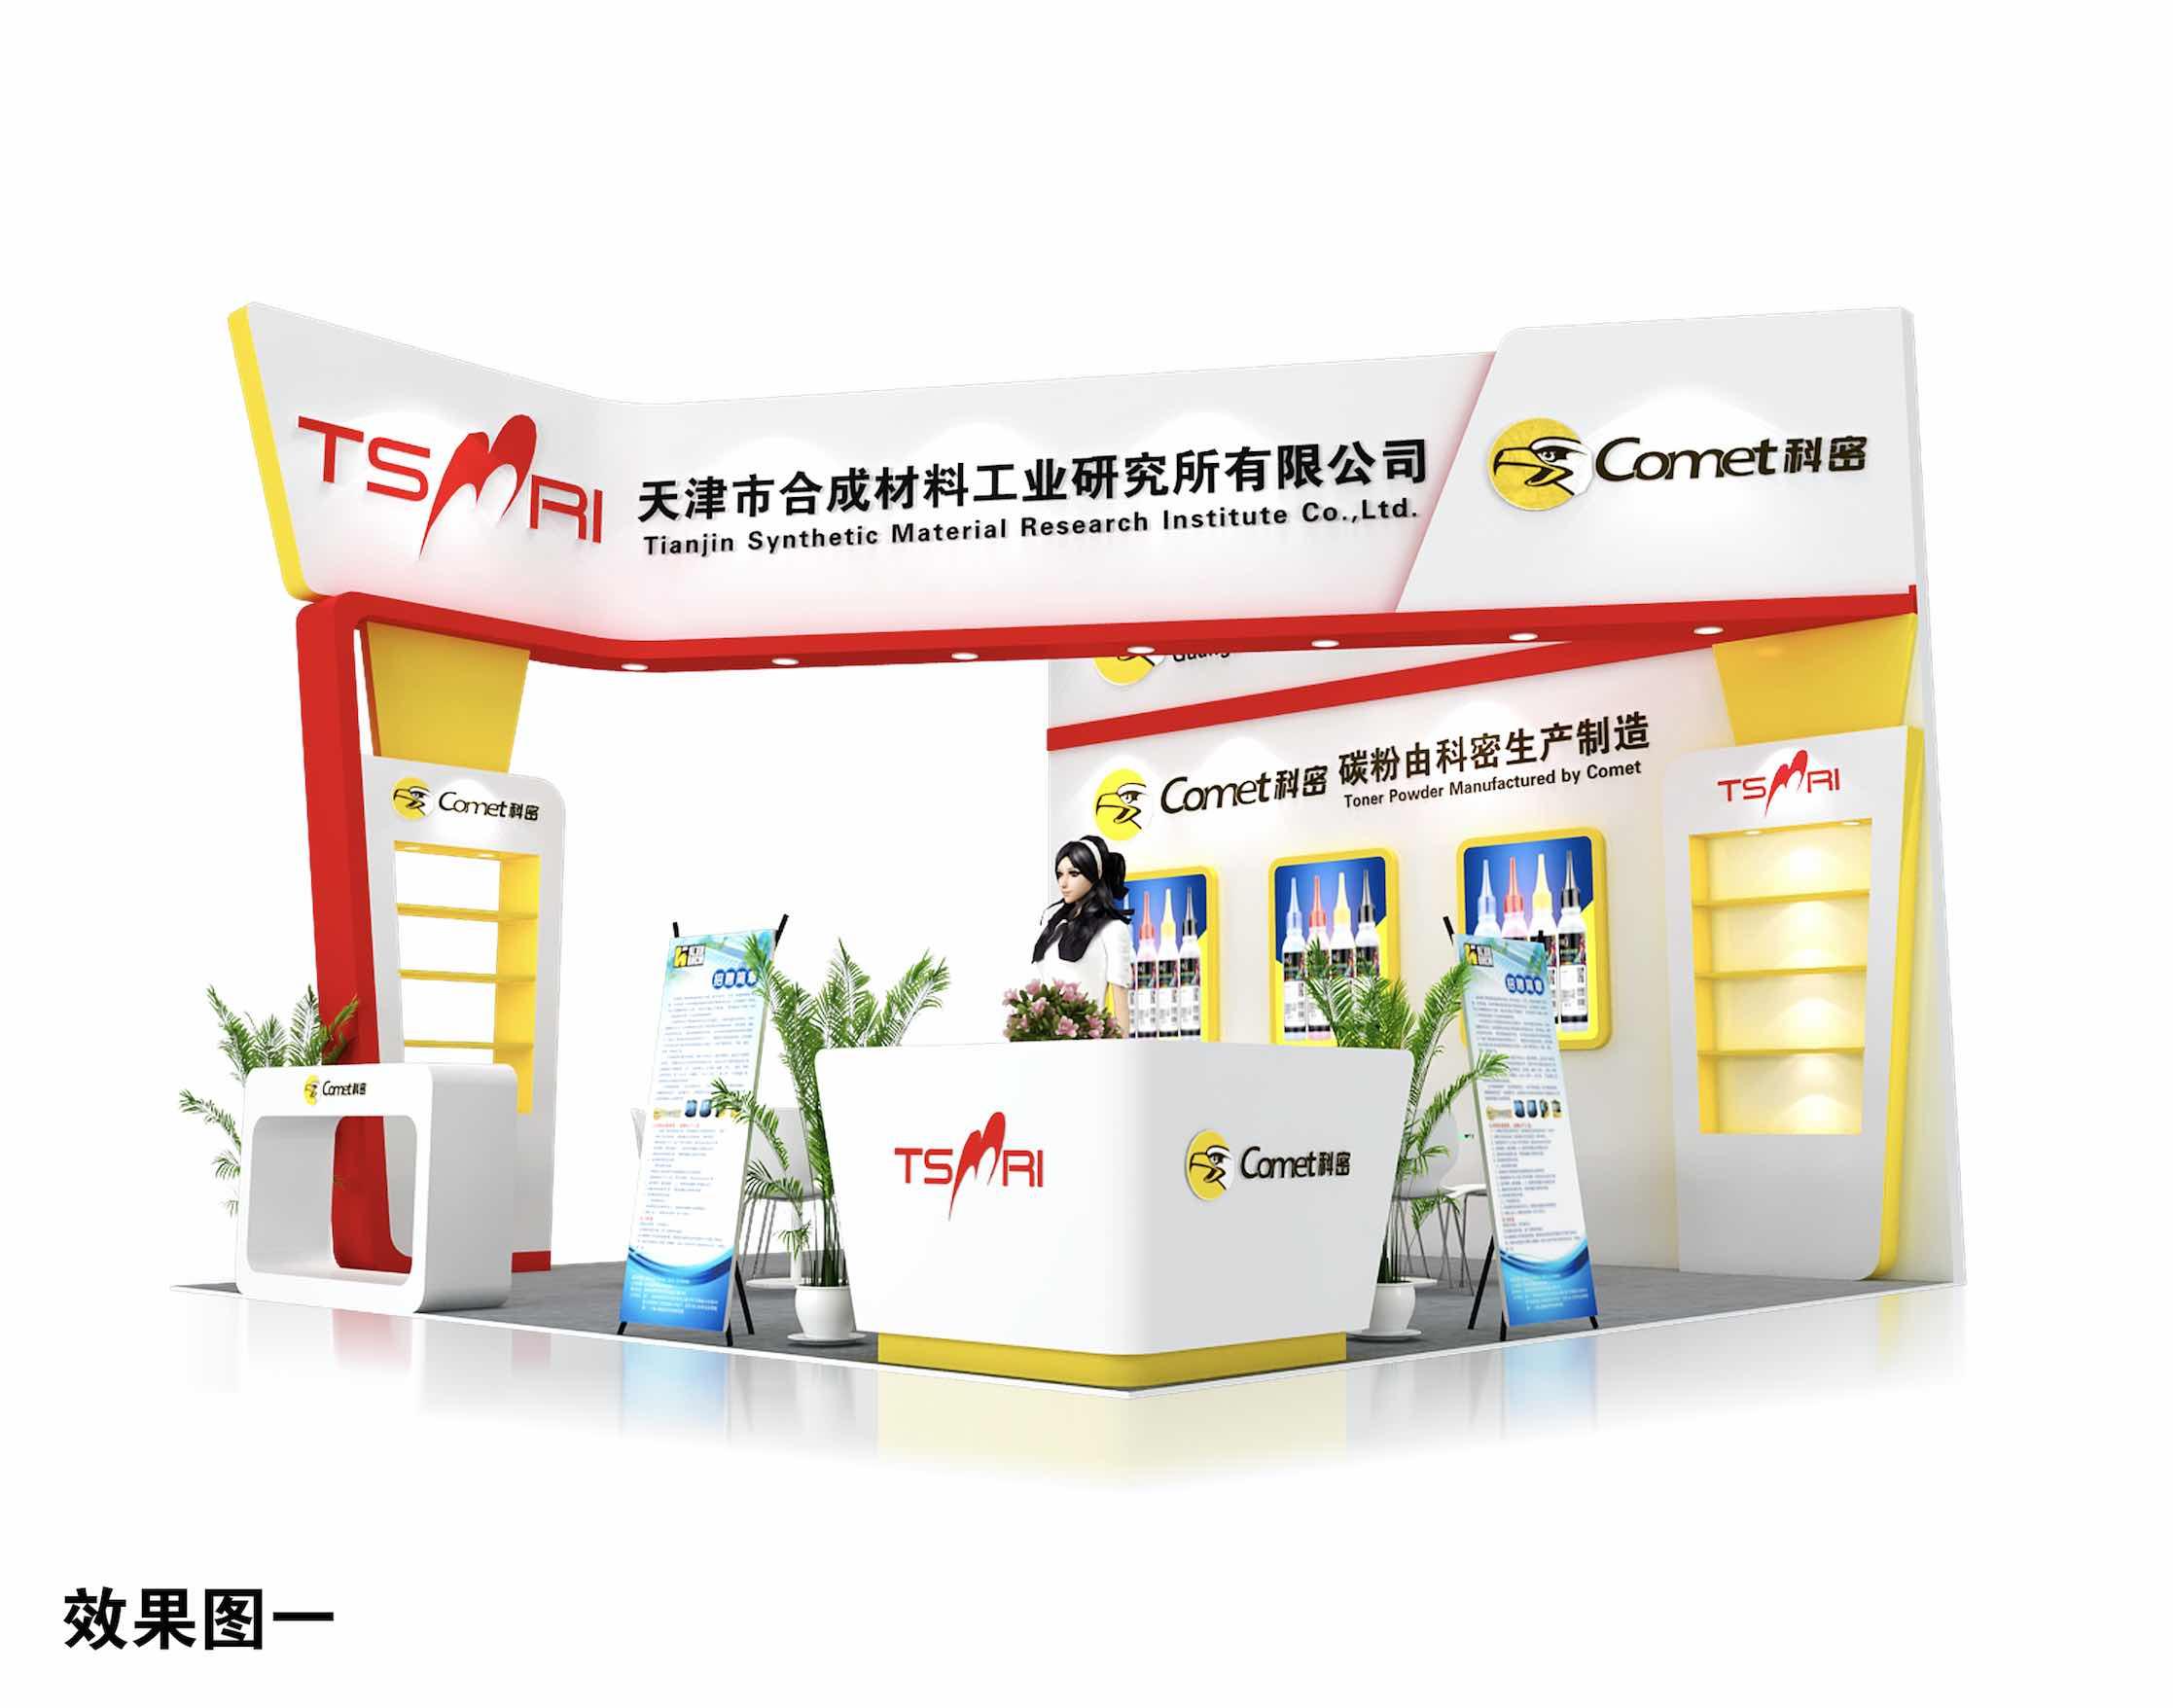 我司将于10月17日参加第十三届中国(珠海)国际办公设备及耗材展览会